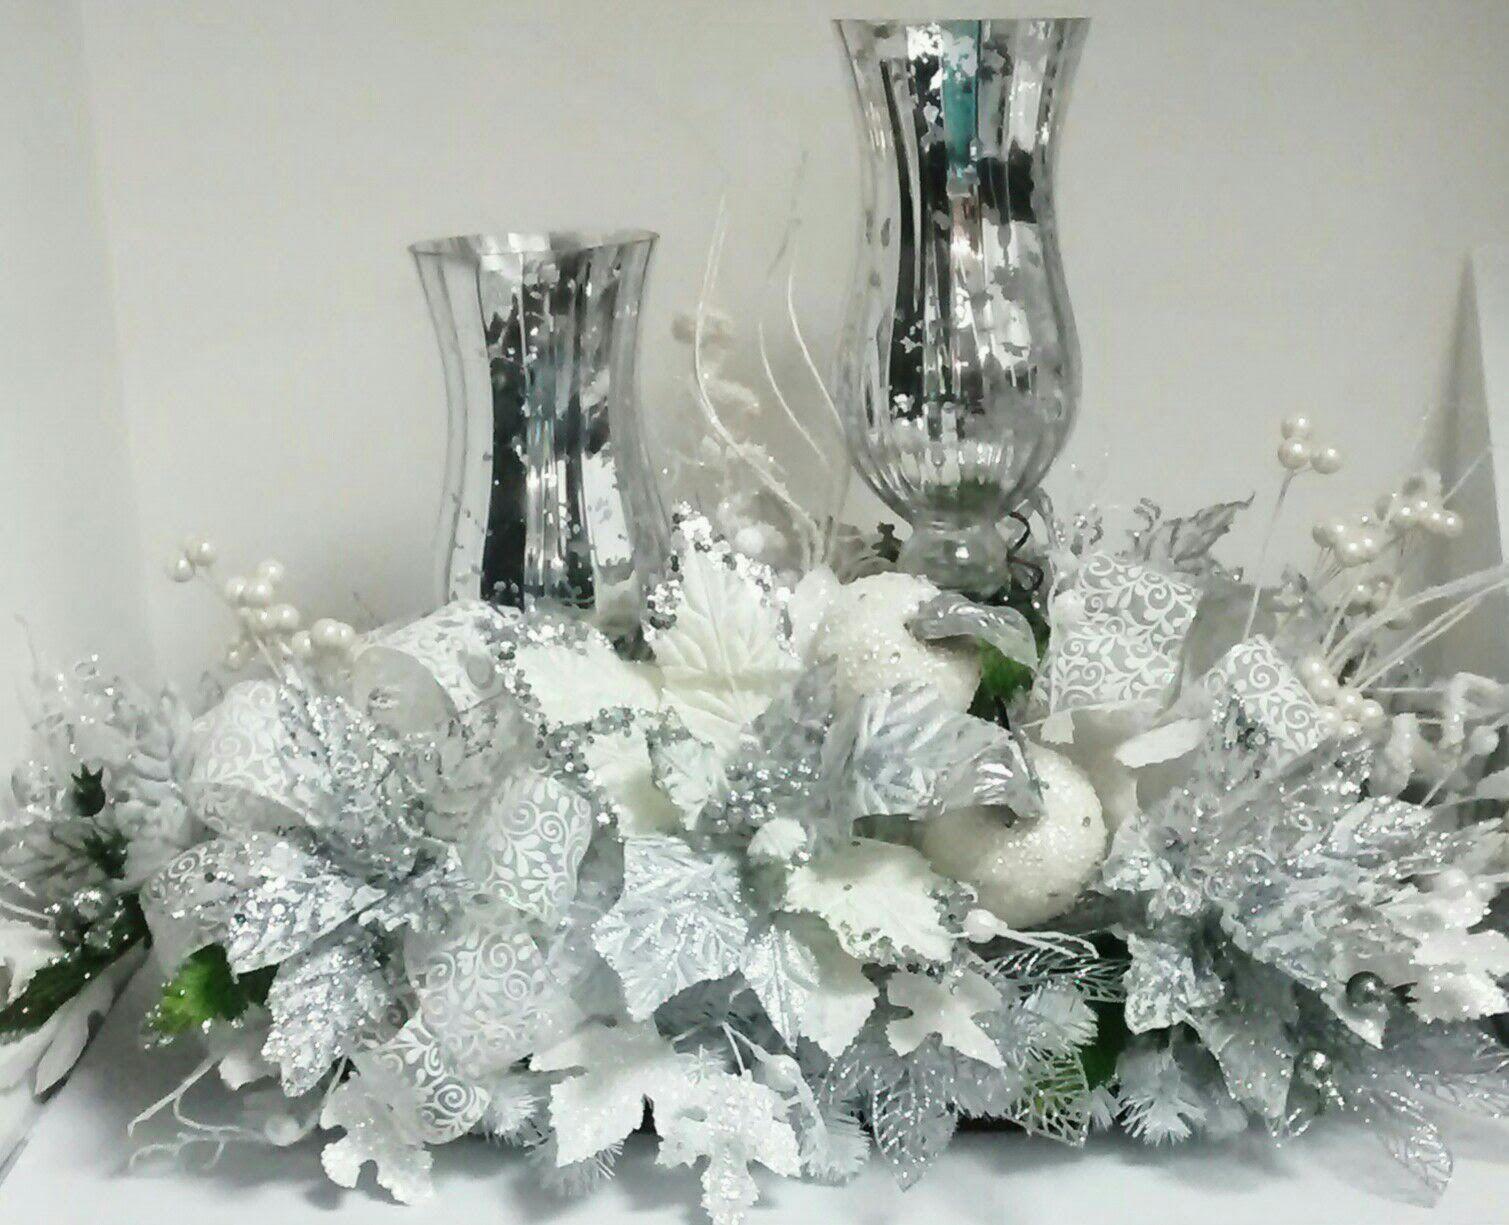 Jarrones de cristal de mercurio de color plateado y flores - Decoracion jarrones cristal ...